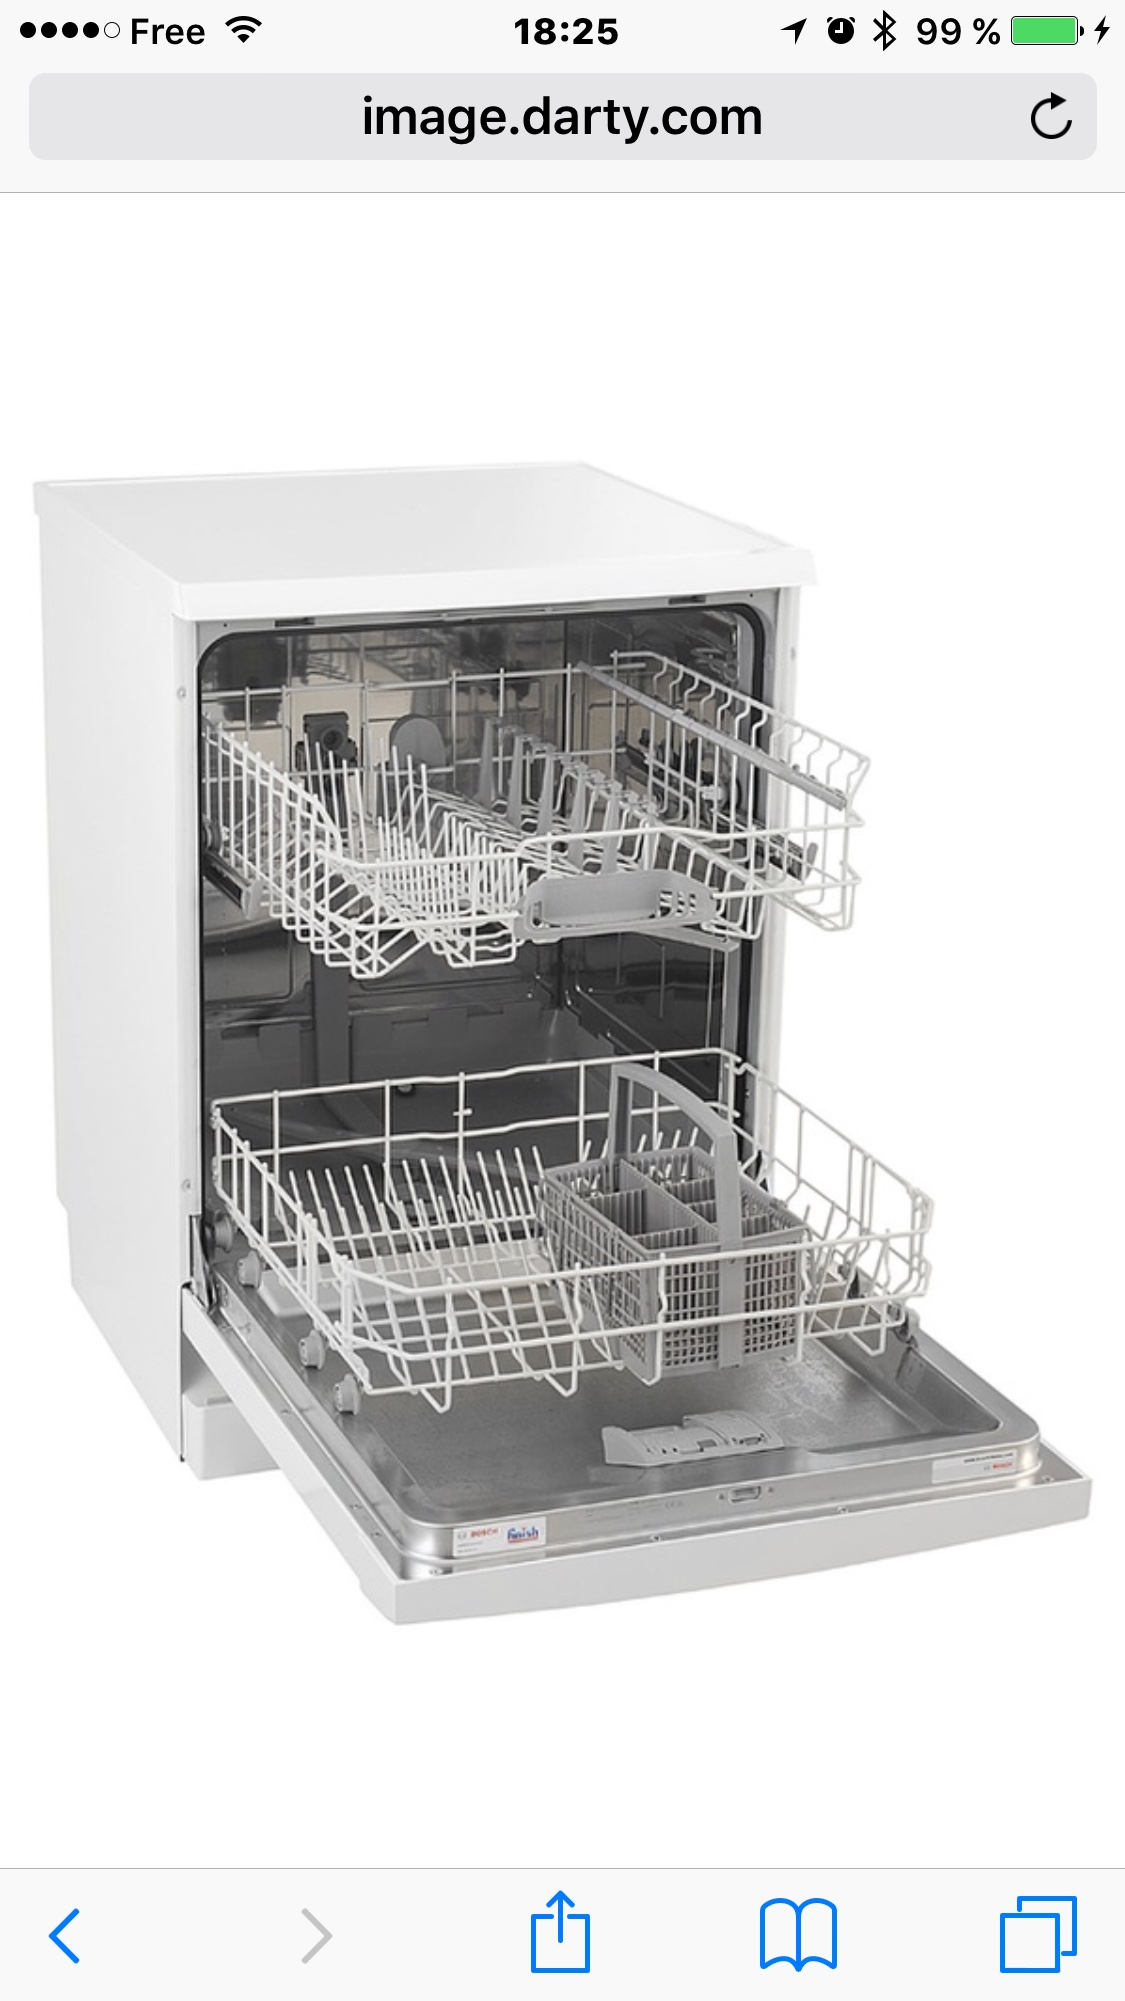 lave vaisselle Bosh 250 Sarcelles (95)